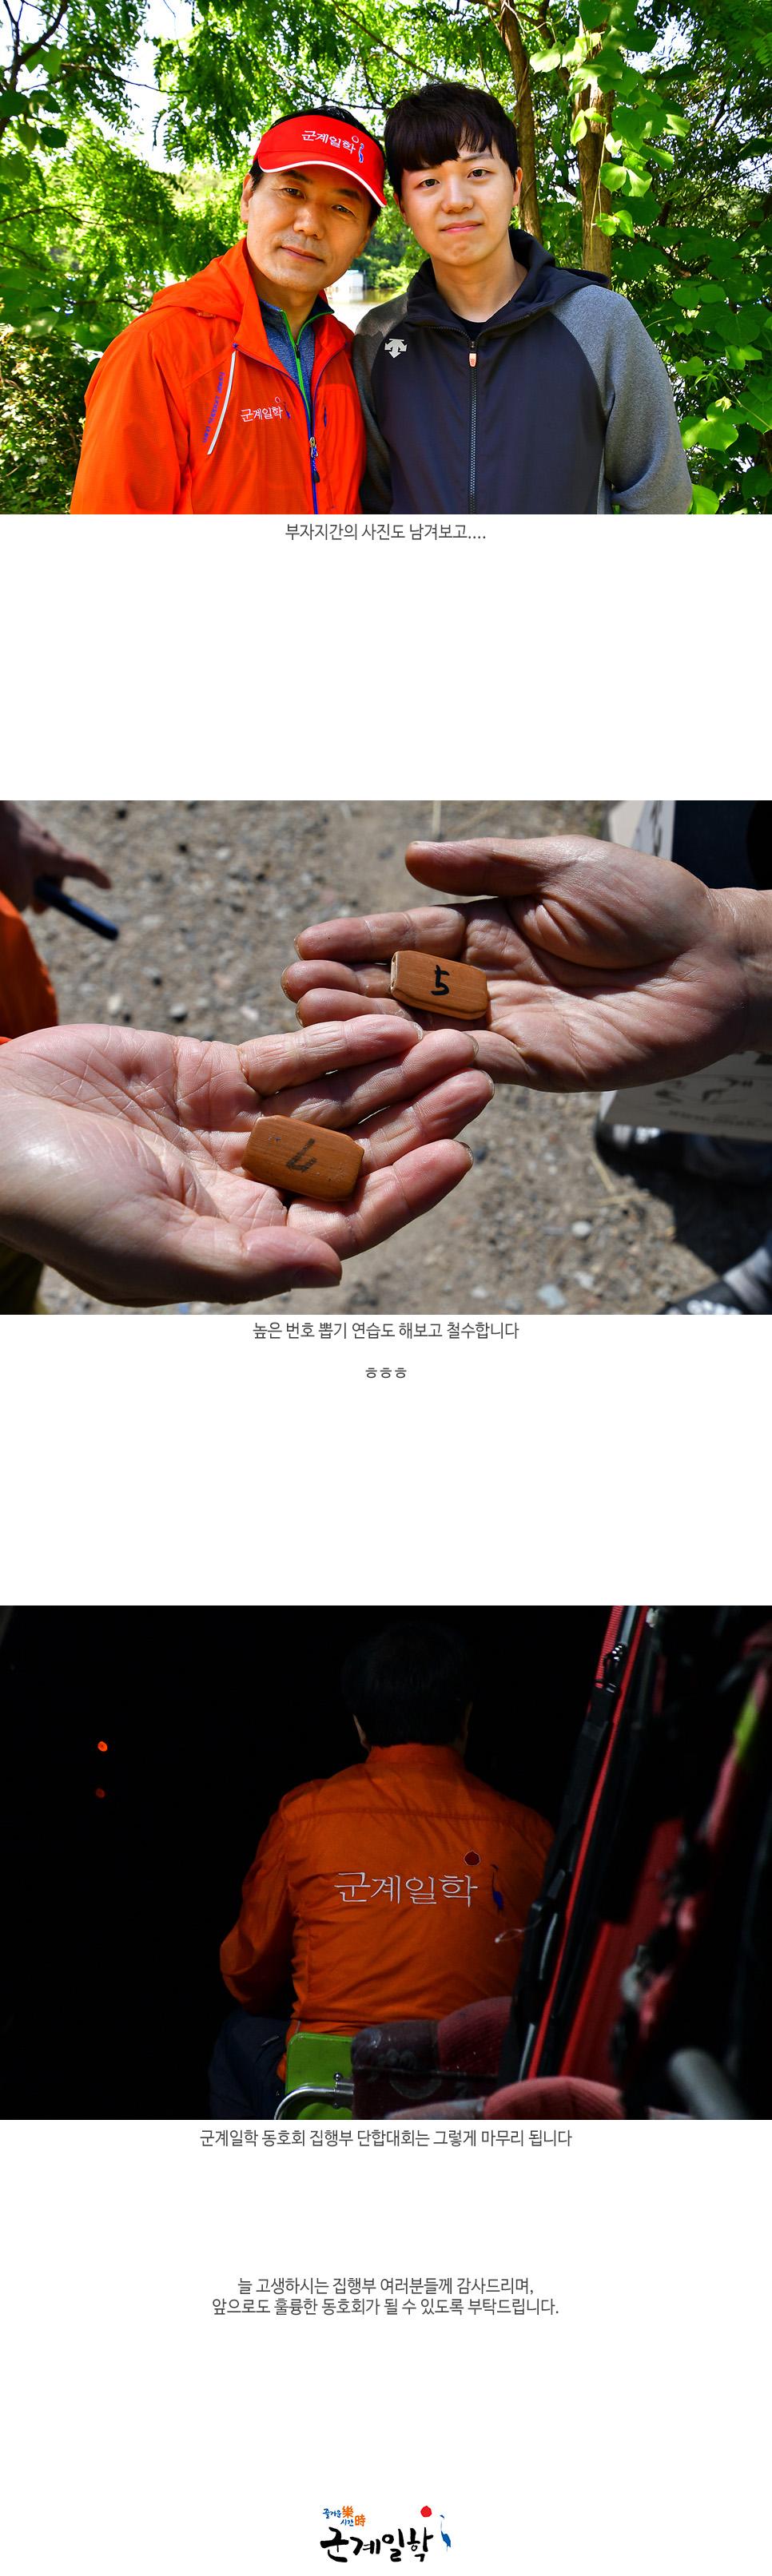 군계일학 동호회 집행부 단합대회 10.jpg